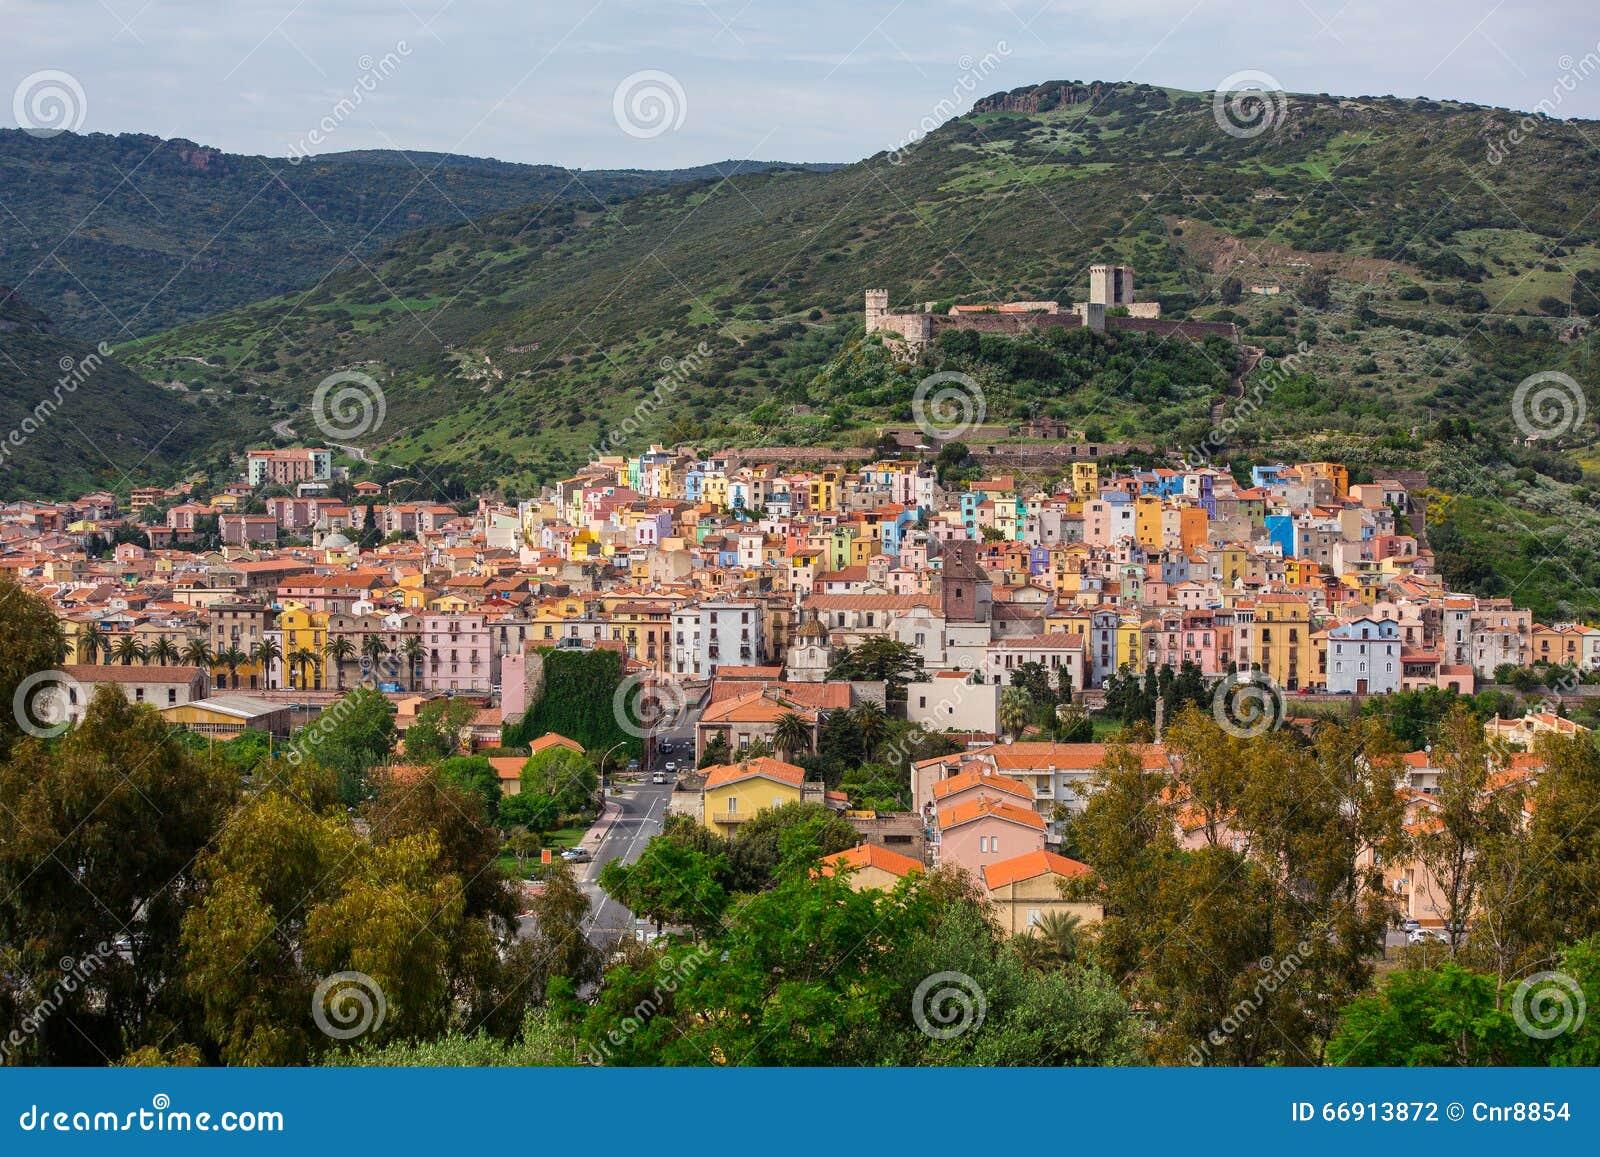 Ansicht von Bosa und Serravalle ziehen sich - Oristano, Sardinien (Sardegna), Italien zurück (7. Mai 2014)